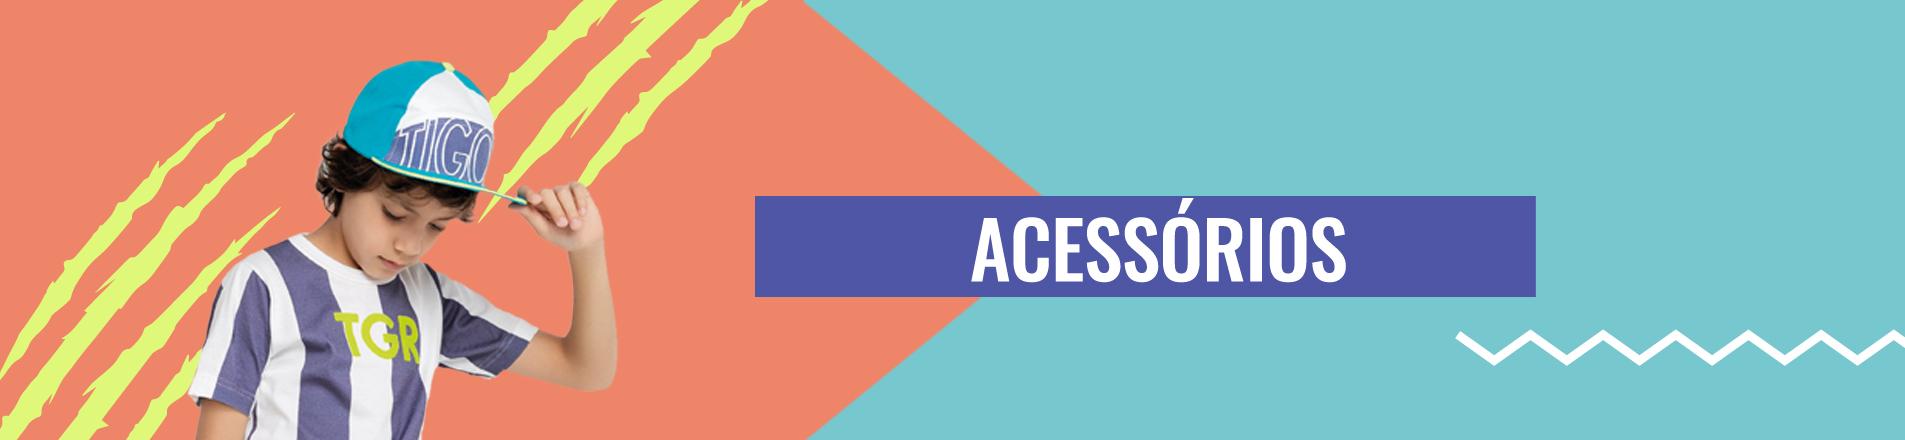 acessorios-banner